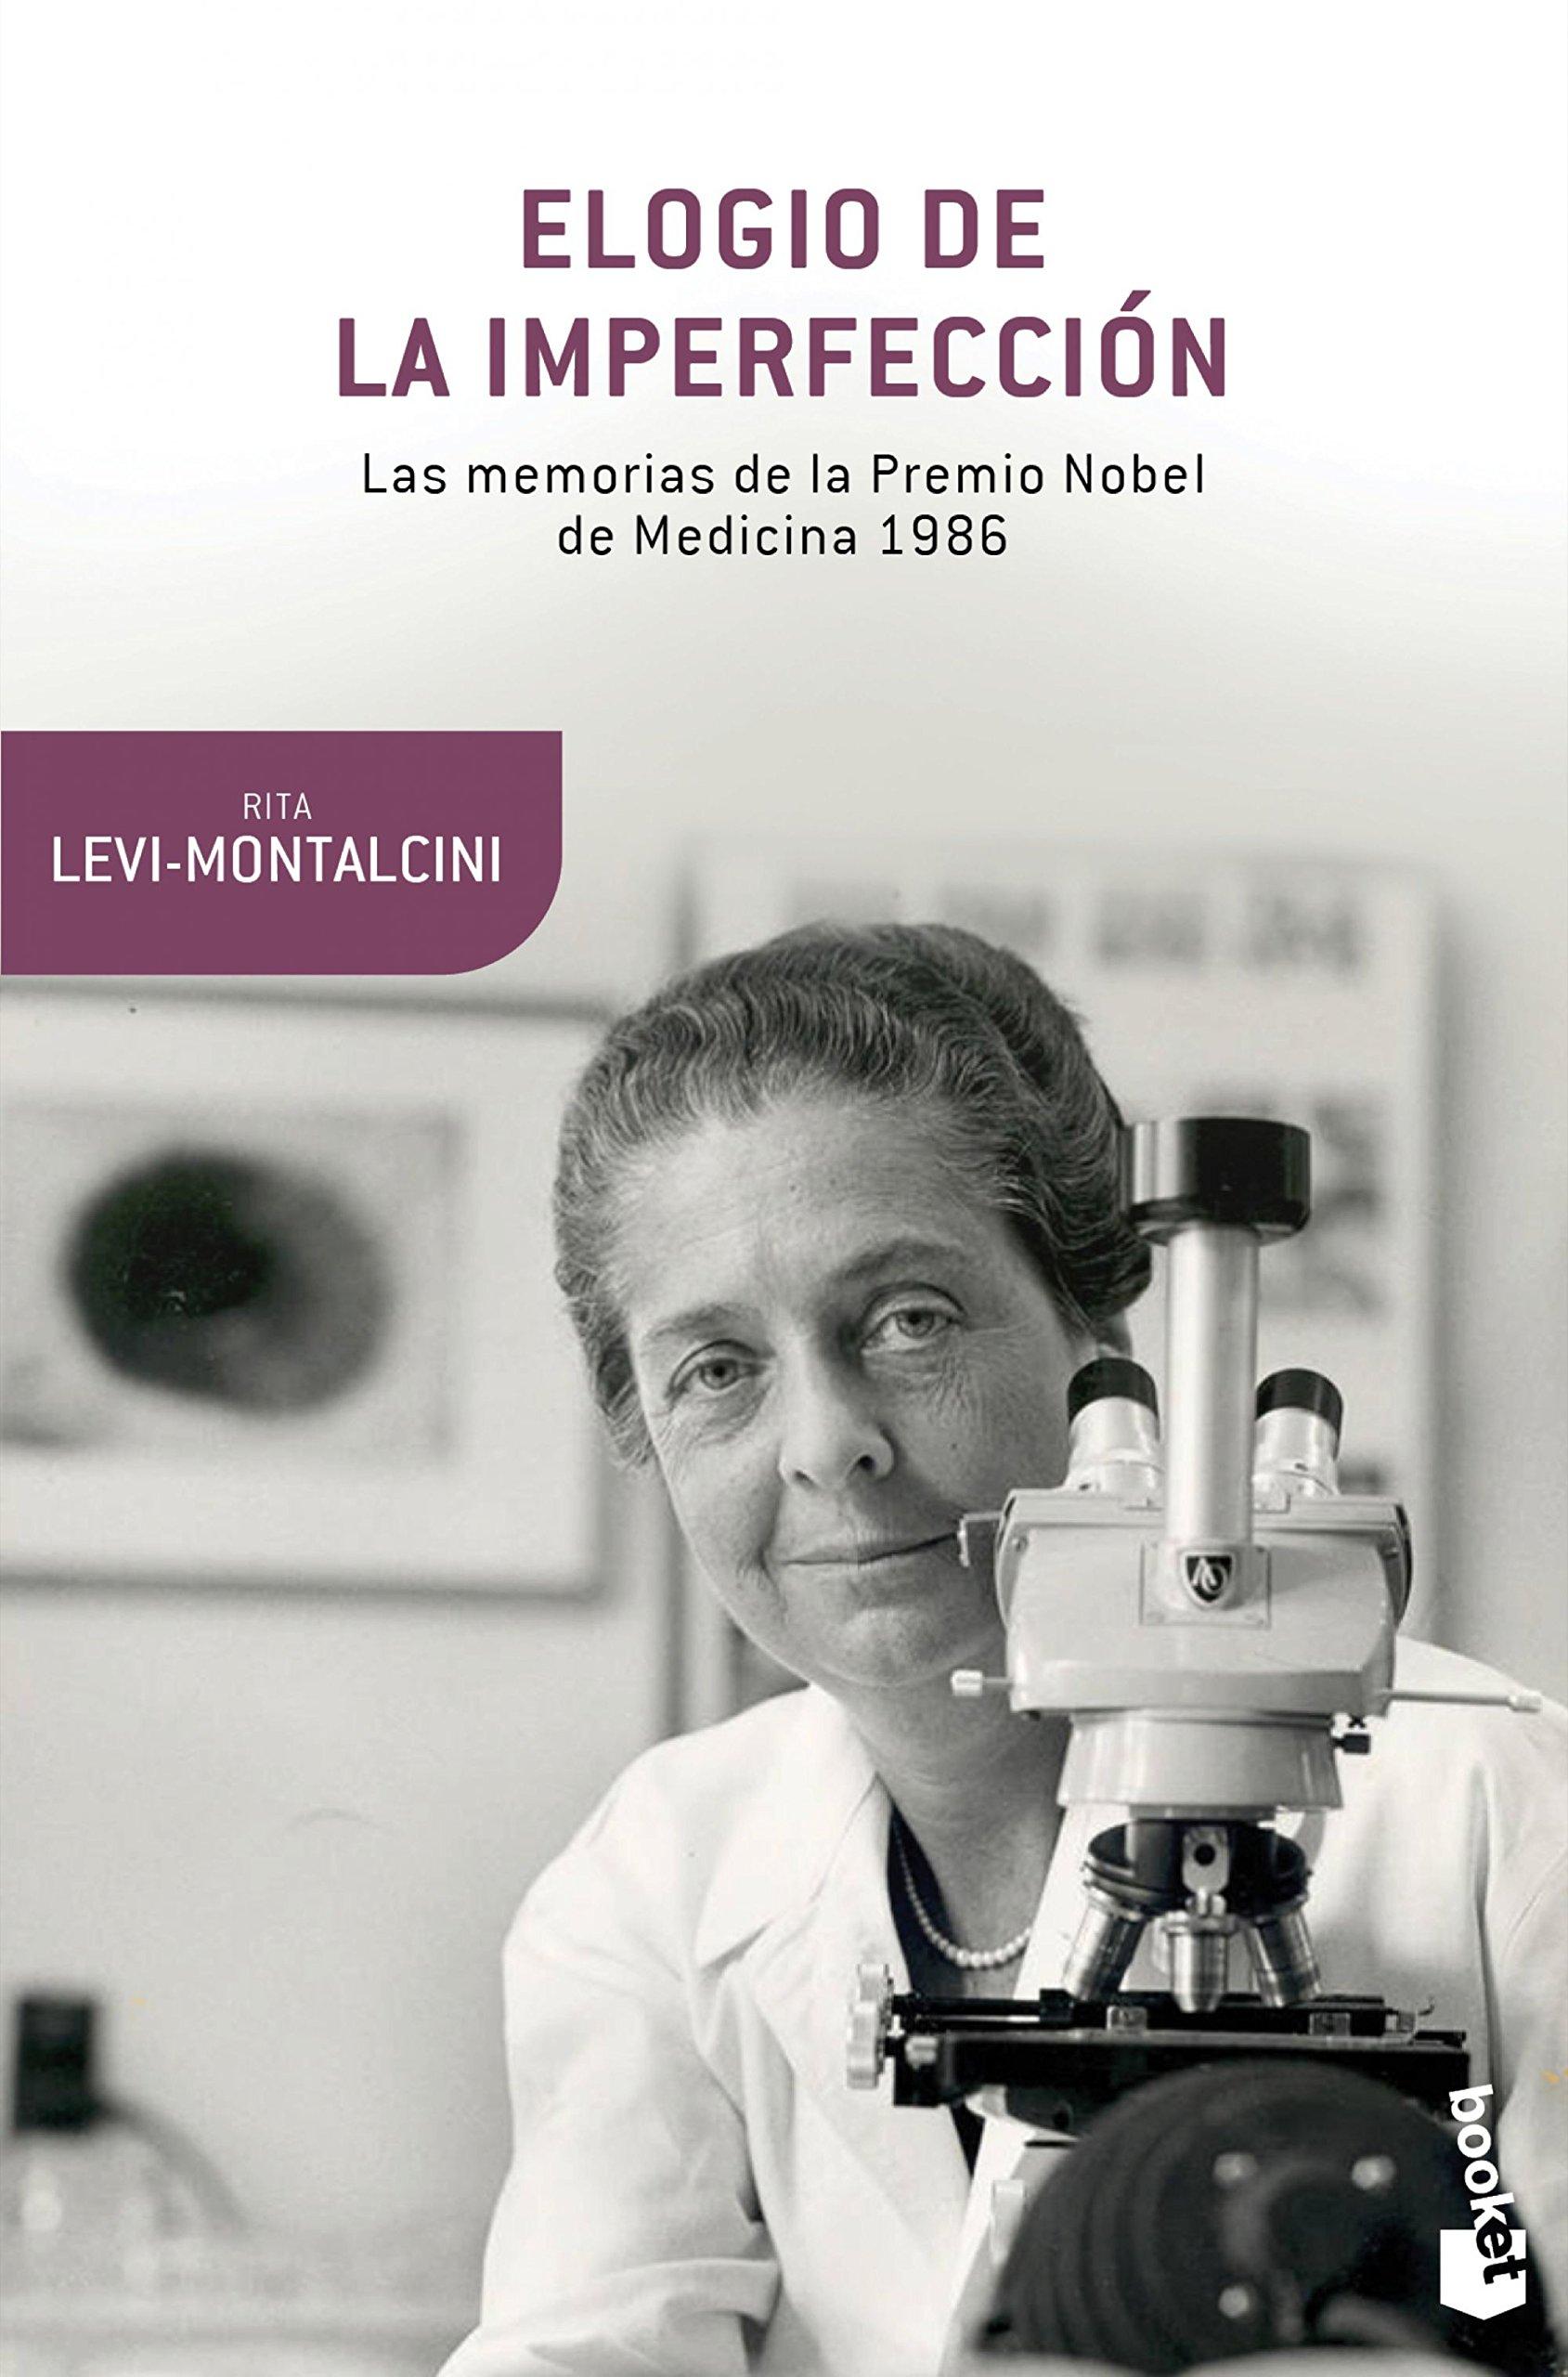 Elogio de la imperfección (Booket Ciencia) Tapa blanda – 5 may 2015 Rita Levi-Montalcini Juan Manuel Salmerón Arjona 8490660824 Autobiography: science